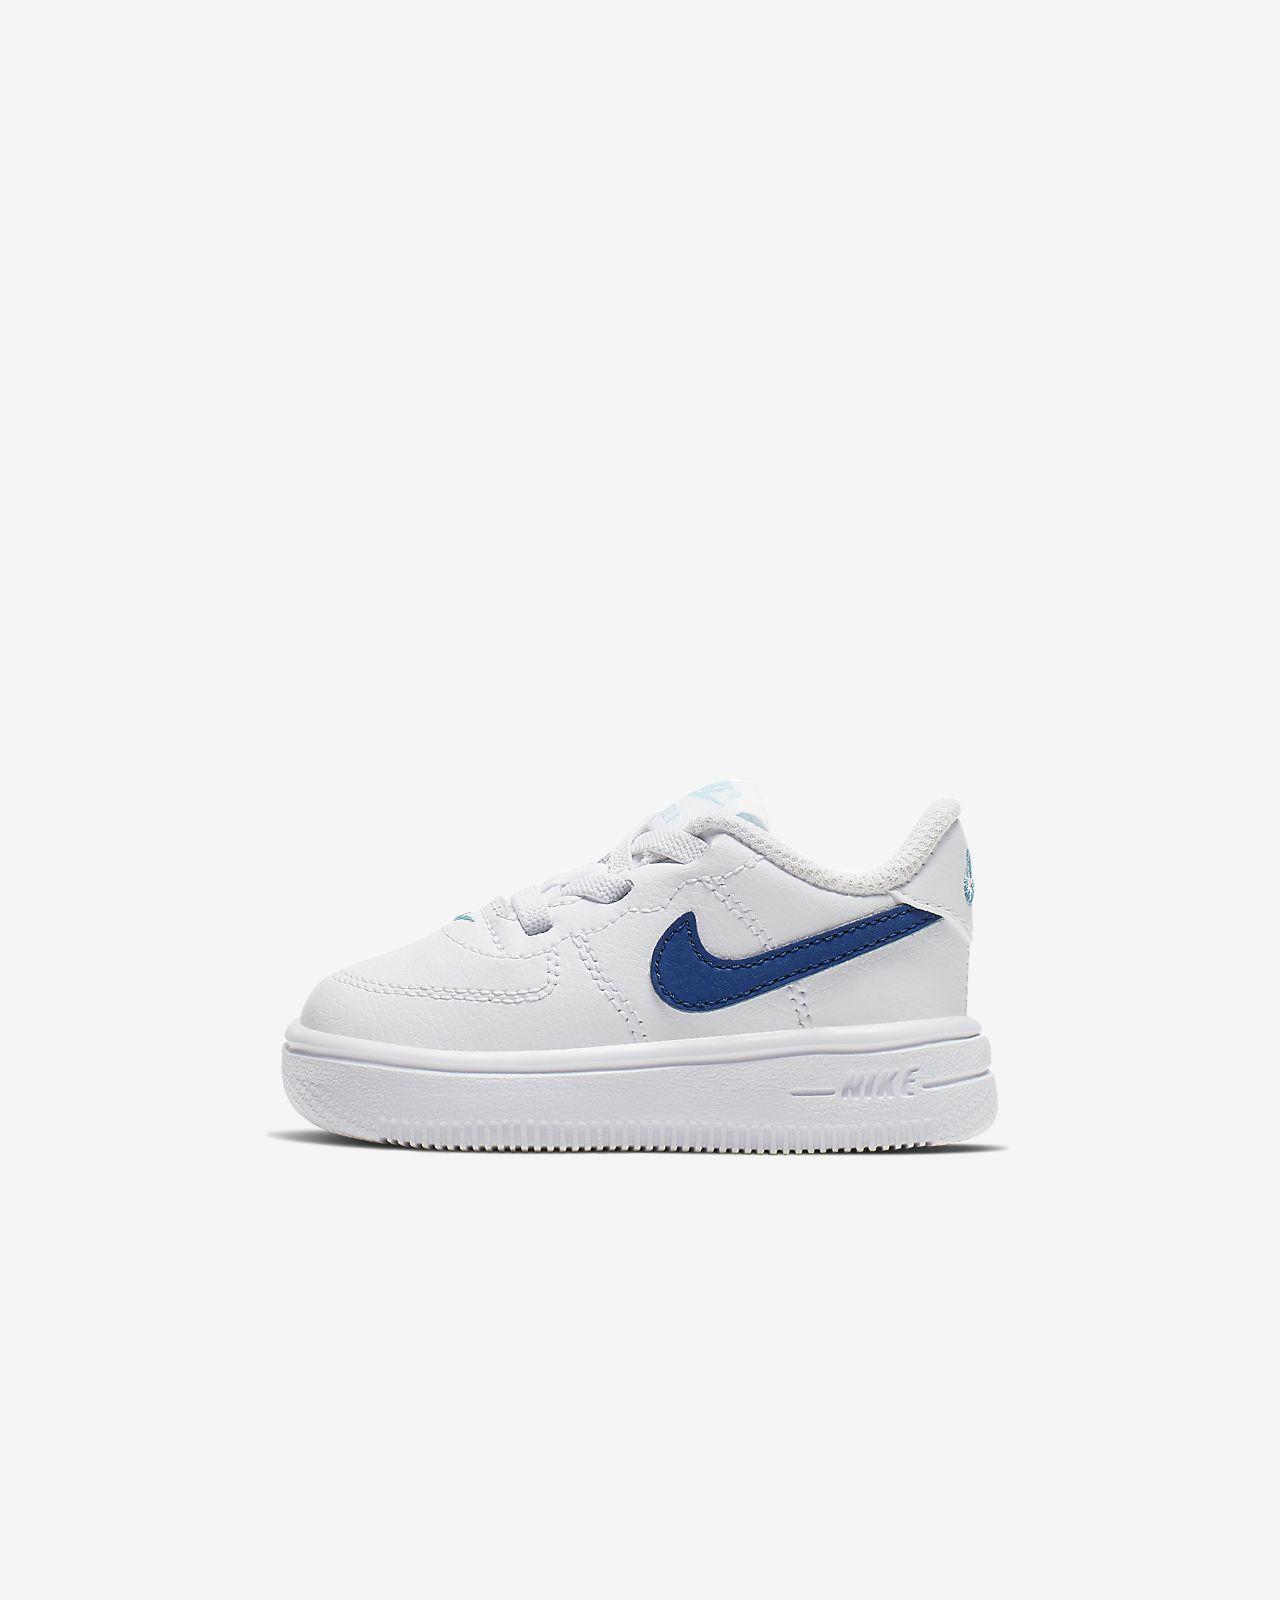 Chaussure Bébé '18 1 Pour Petit Nike Et Force Enfant 0nNm8w